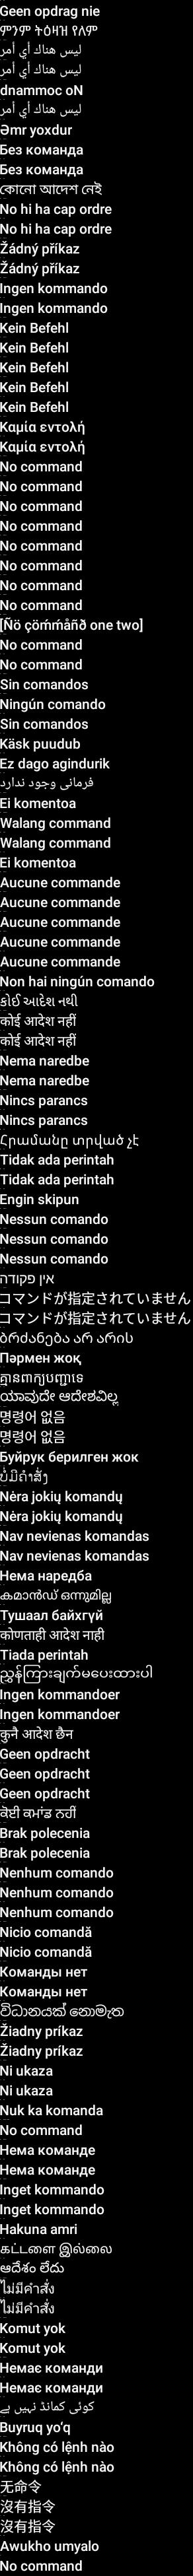 res-hdpi/images/no_command_text.png